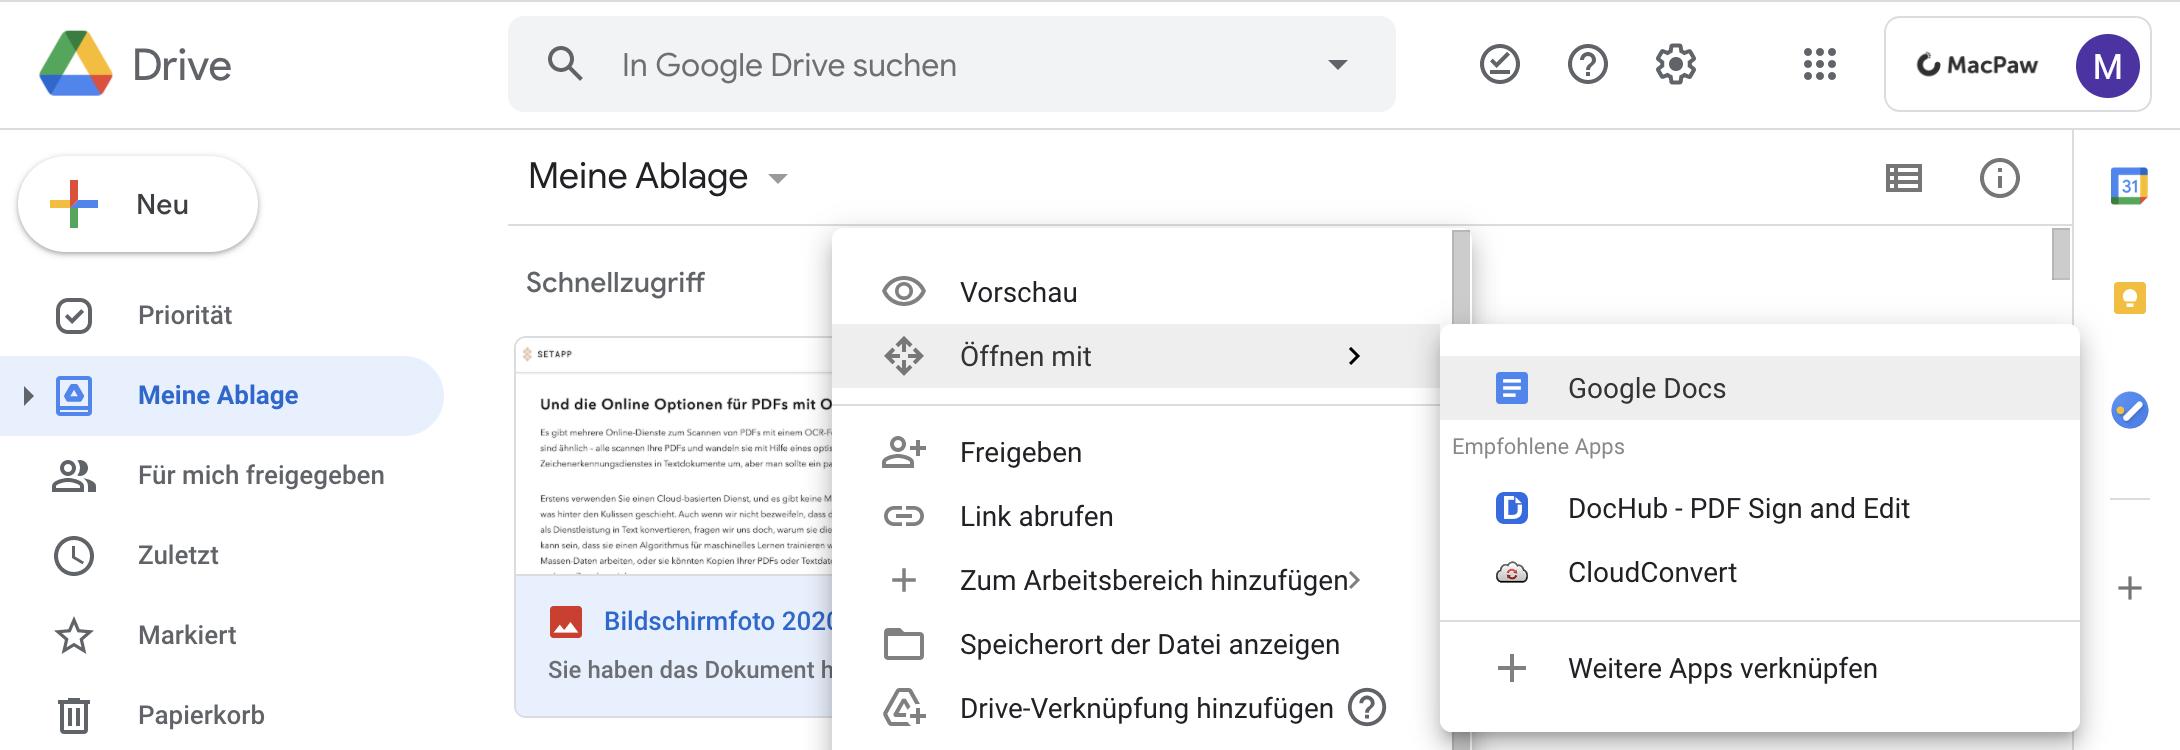 Einen Screenshot auf Google Drive hochladen